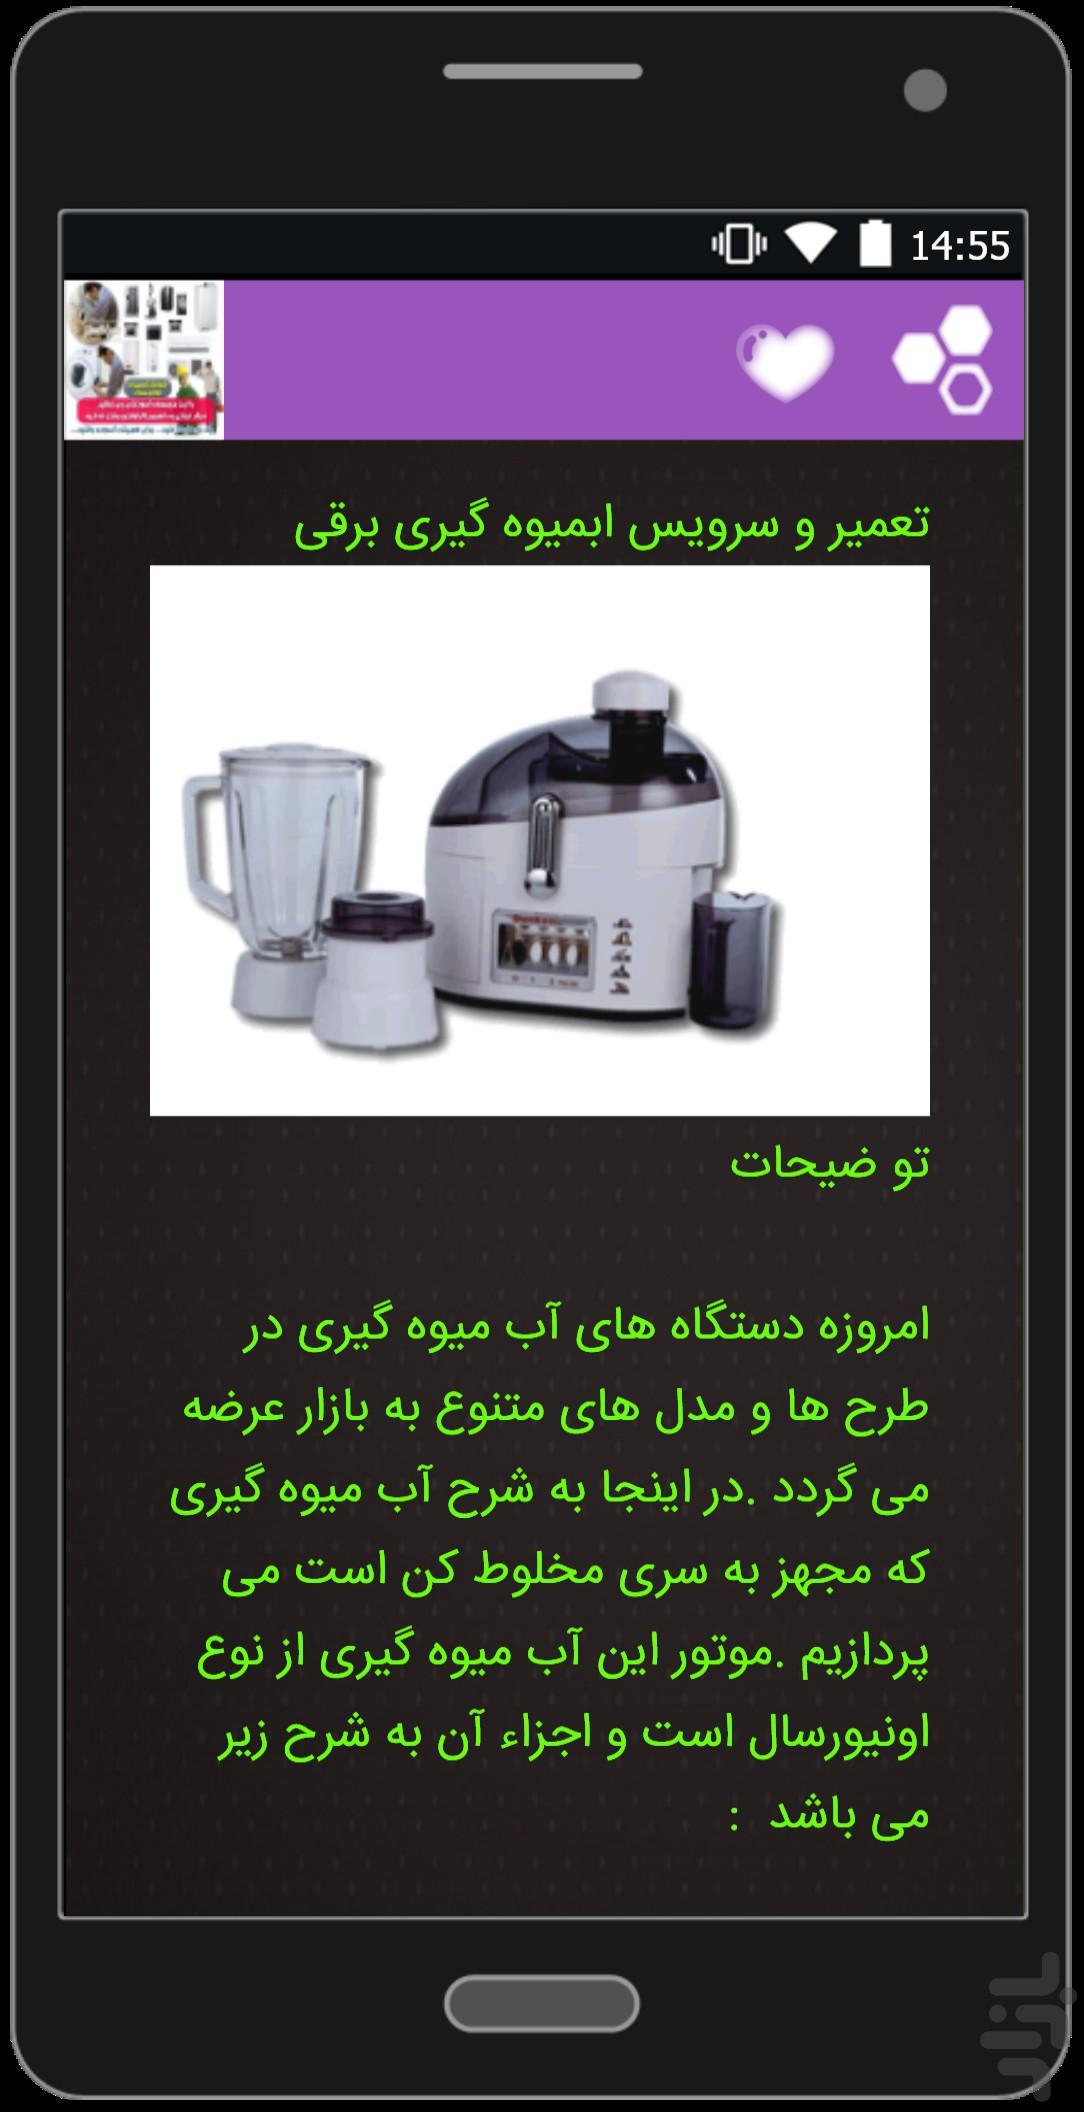 درآمد کار با نیسان یخچالدار کسب درآمد با راه اندازی فروشگاه اینترنتی.